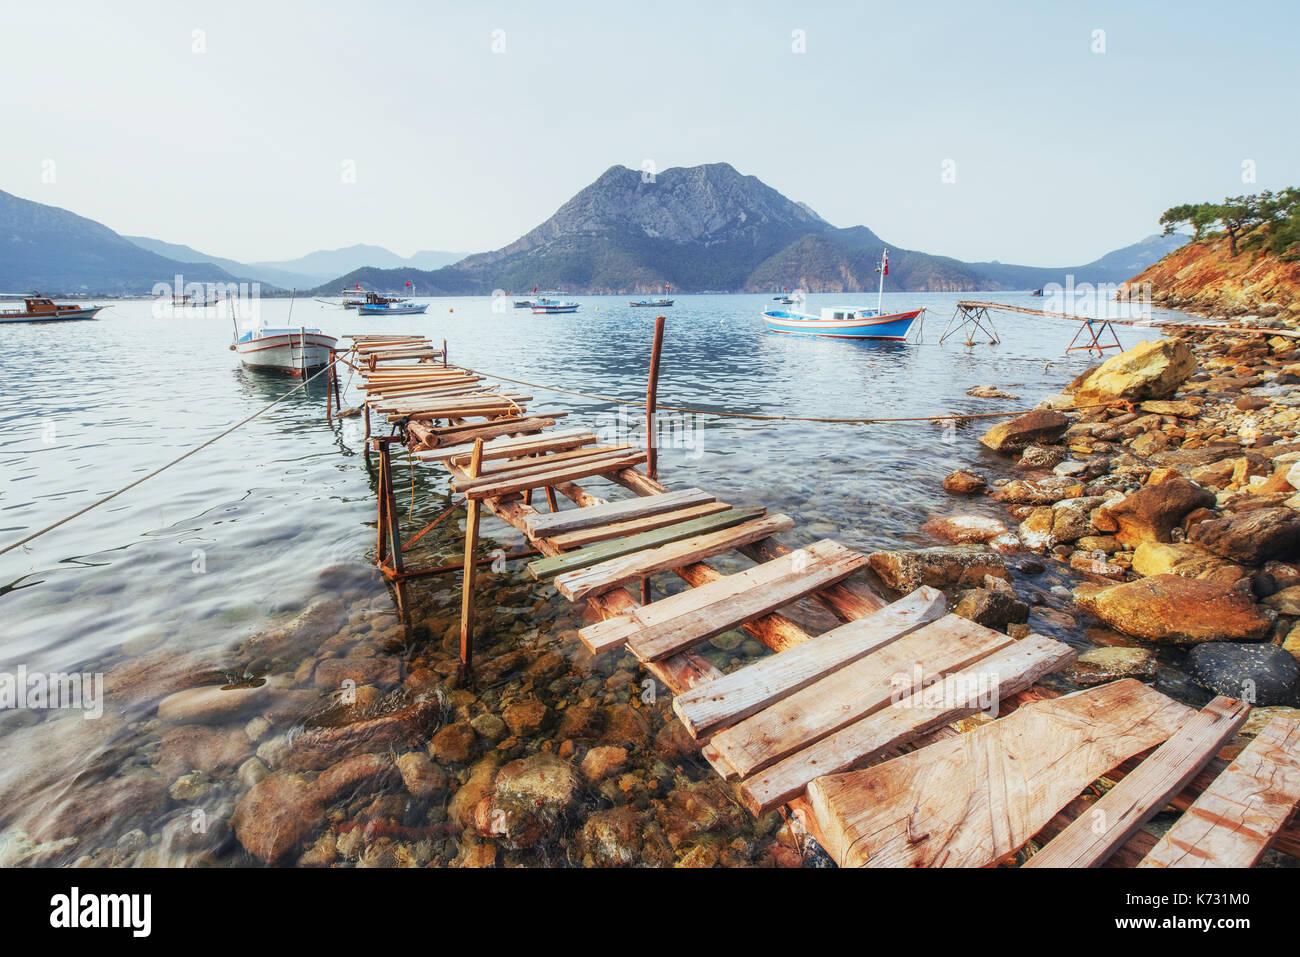 Boote in der Nähe der Pier gebrochen, indem in einer ruhigen ruhigen blauen Meer Wasser Stockbild